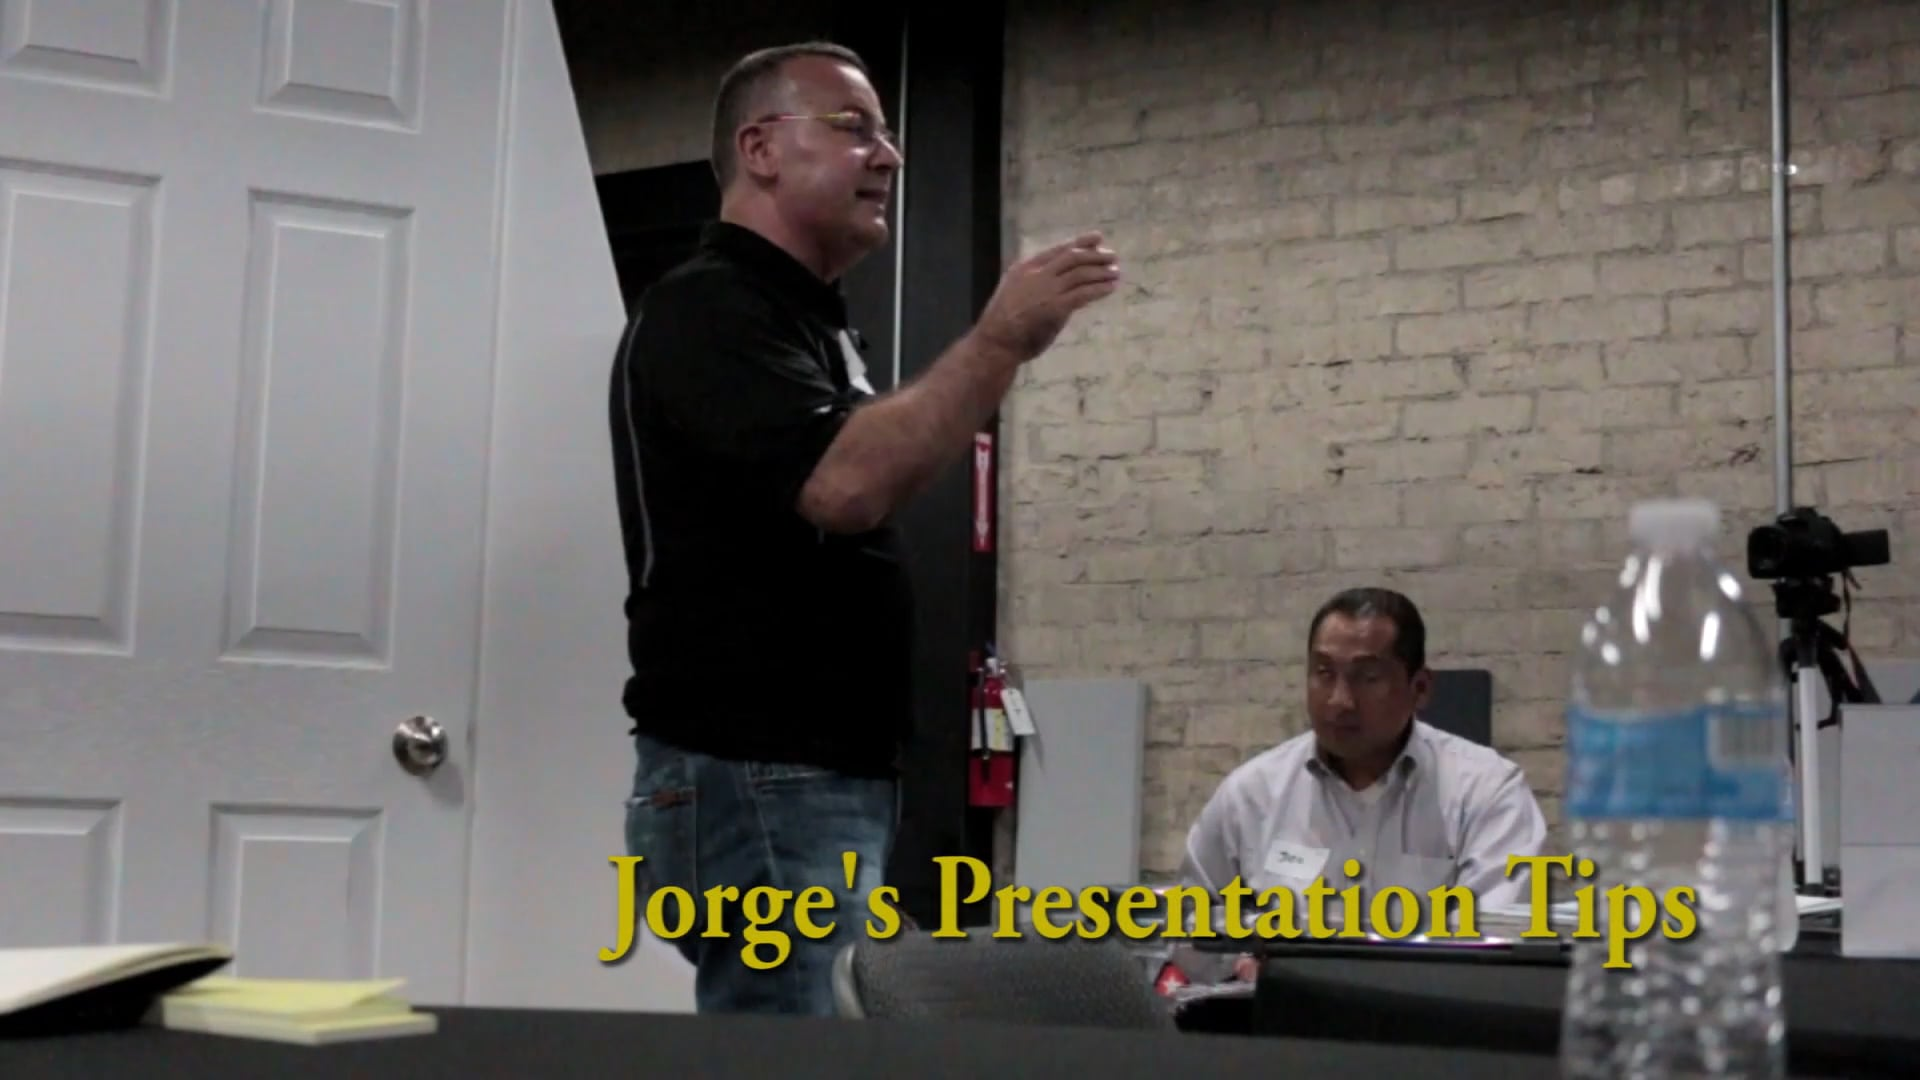 Jorge's Cold Door Tips